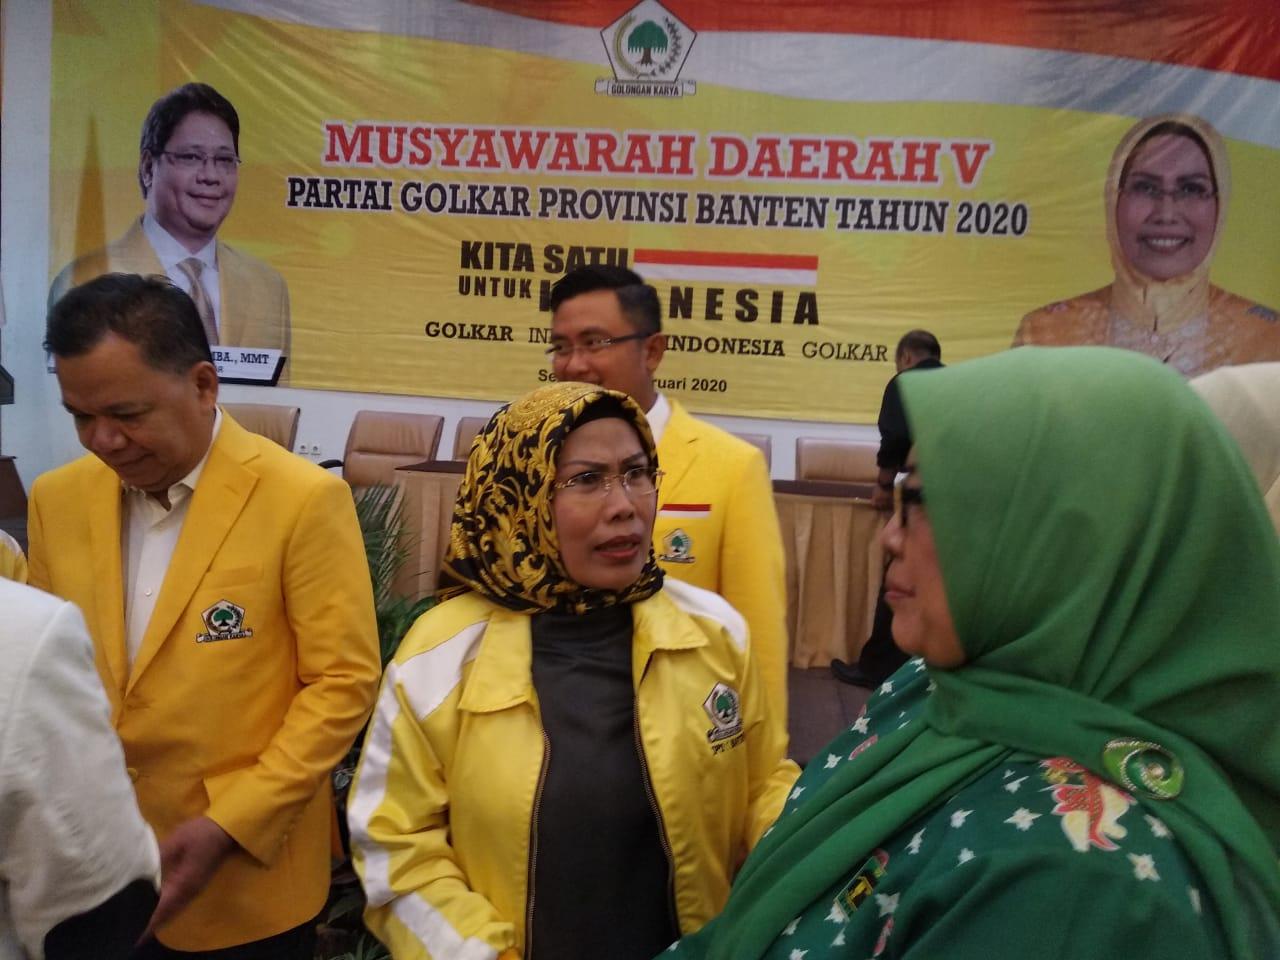 Tatu Pimpin Kembali Partai Golkar Banten